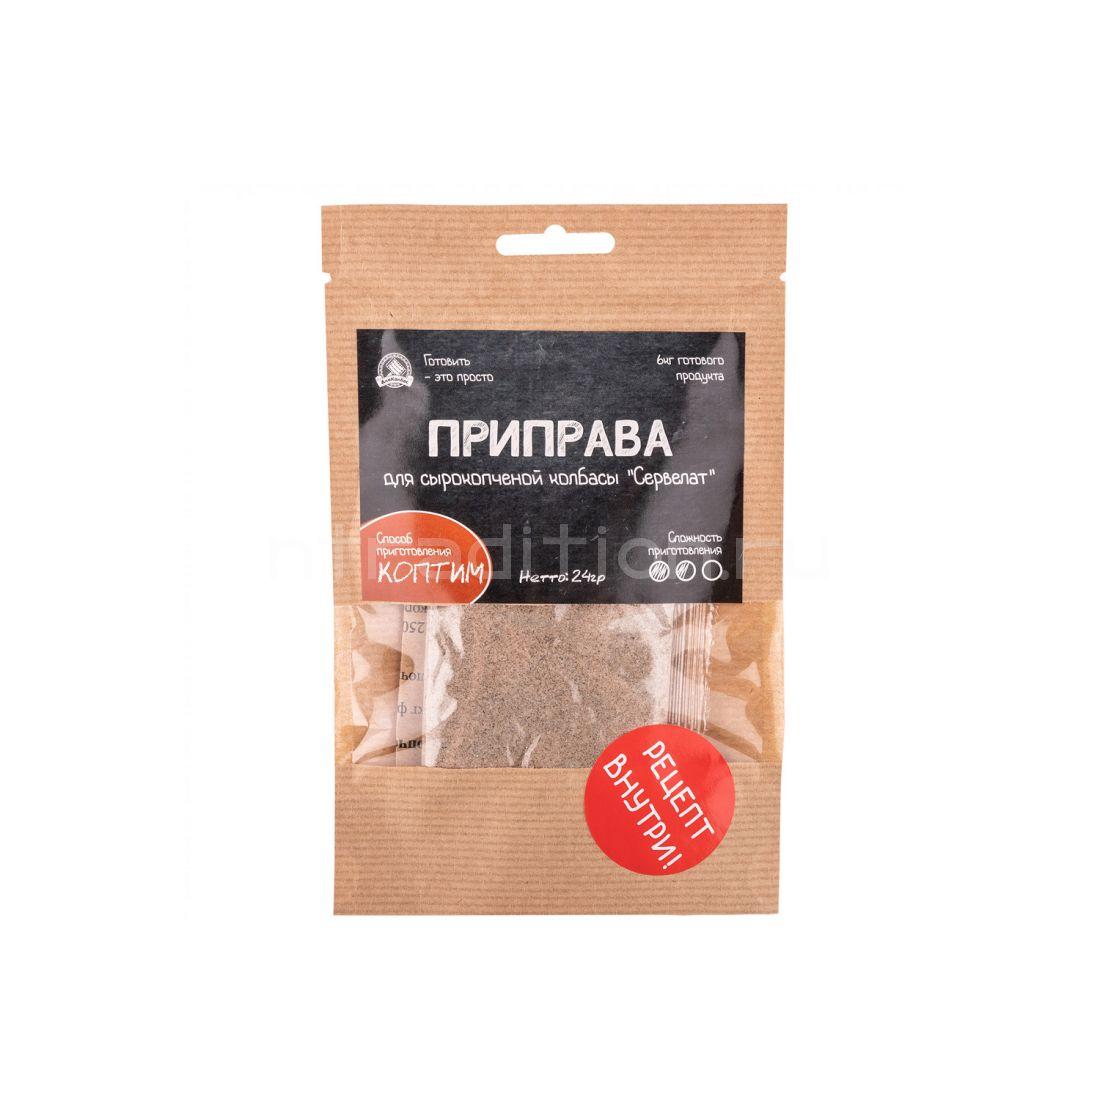 """Приправа для сырокопченой колбасы """"Сервелат"""", 24 гр"""